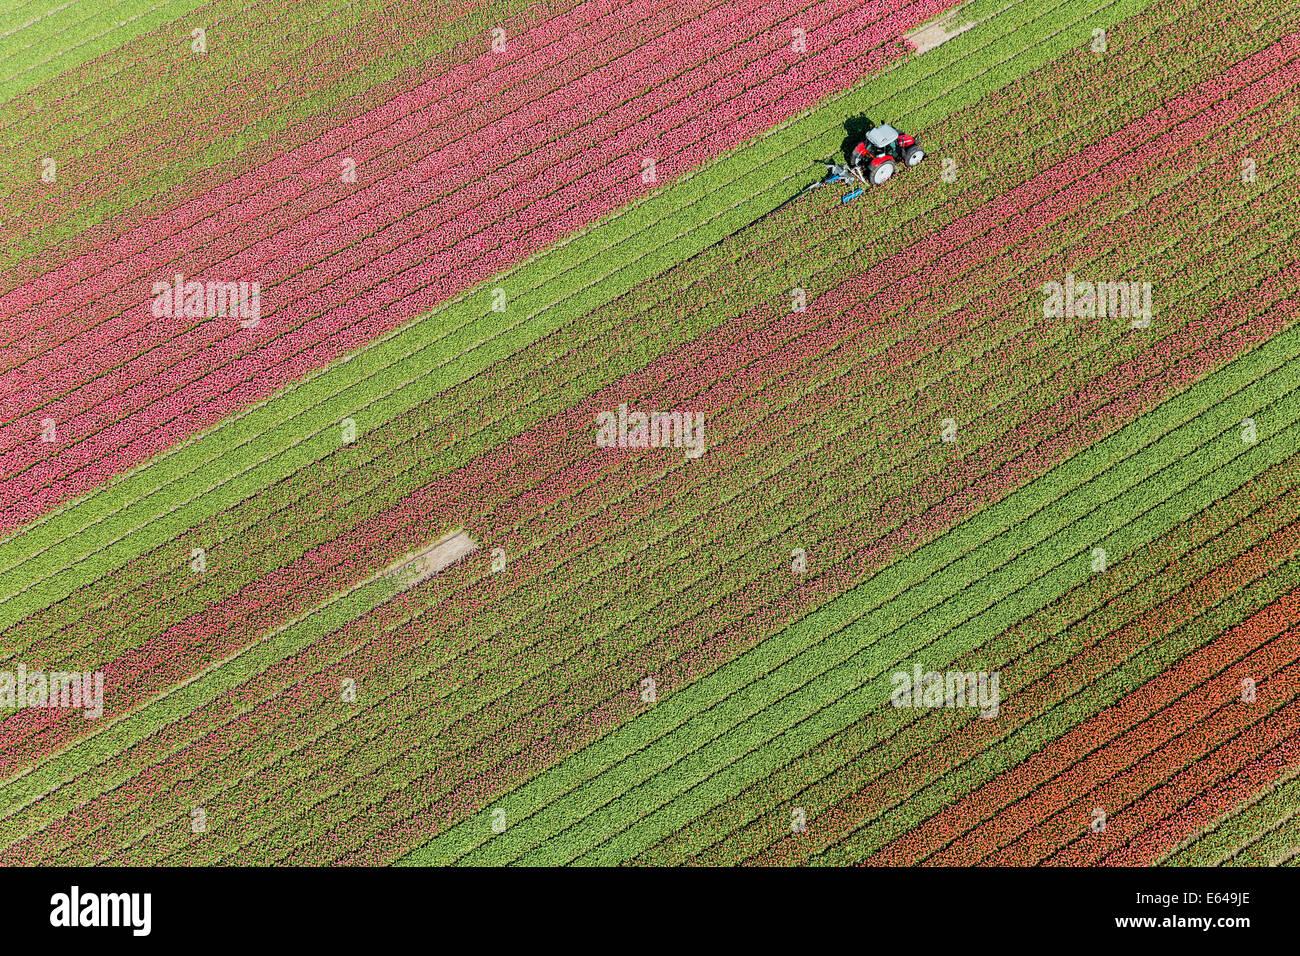 Le tracteur dans les champs de tulipes, Hollande du Nord, Pays-Bas Photo Stock